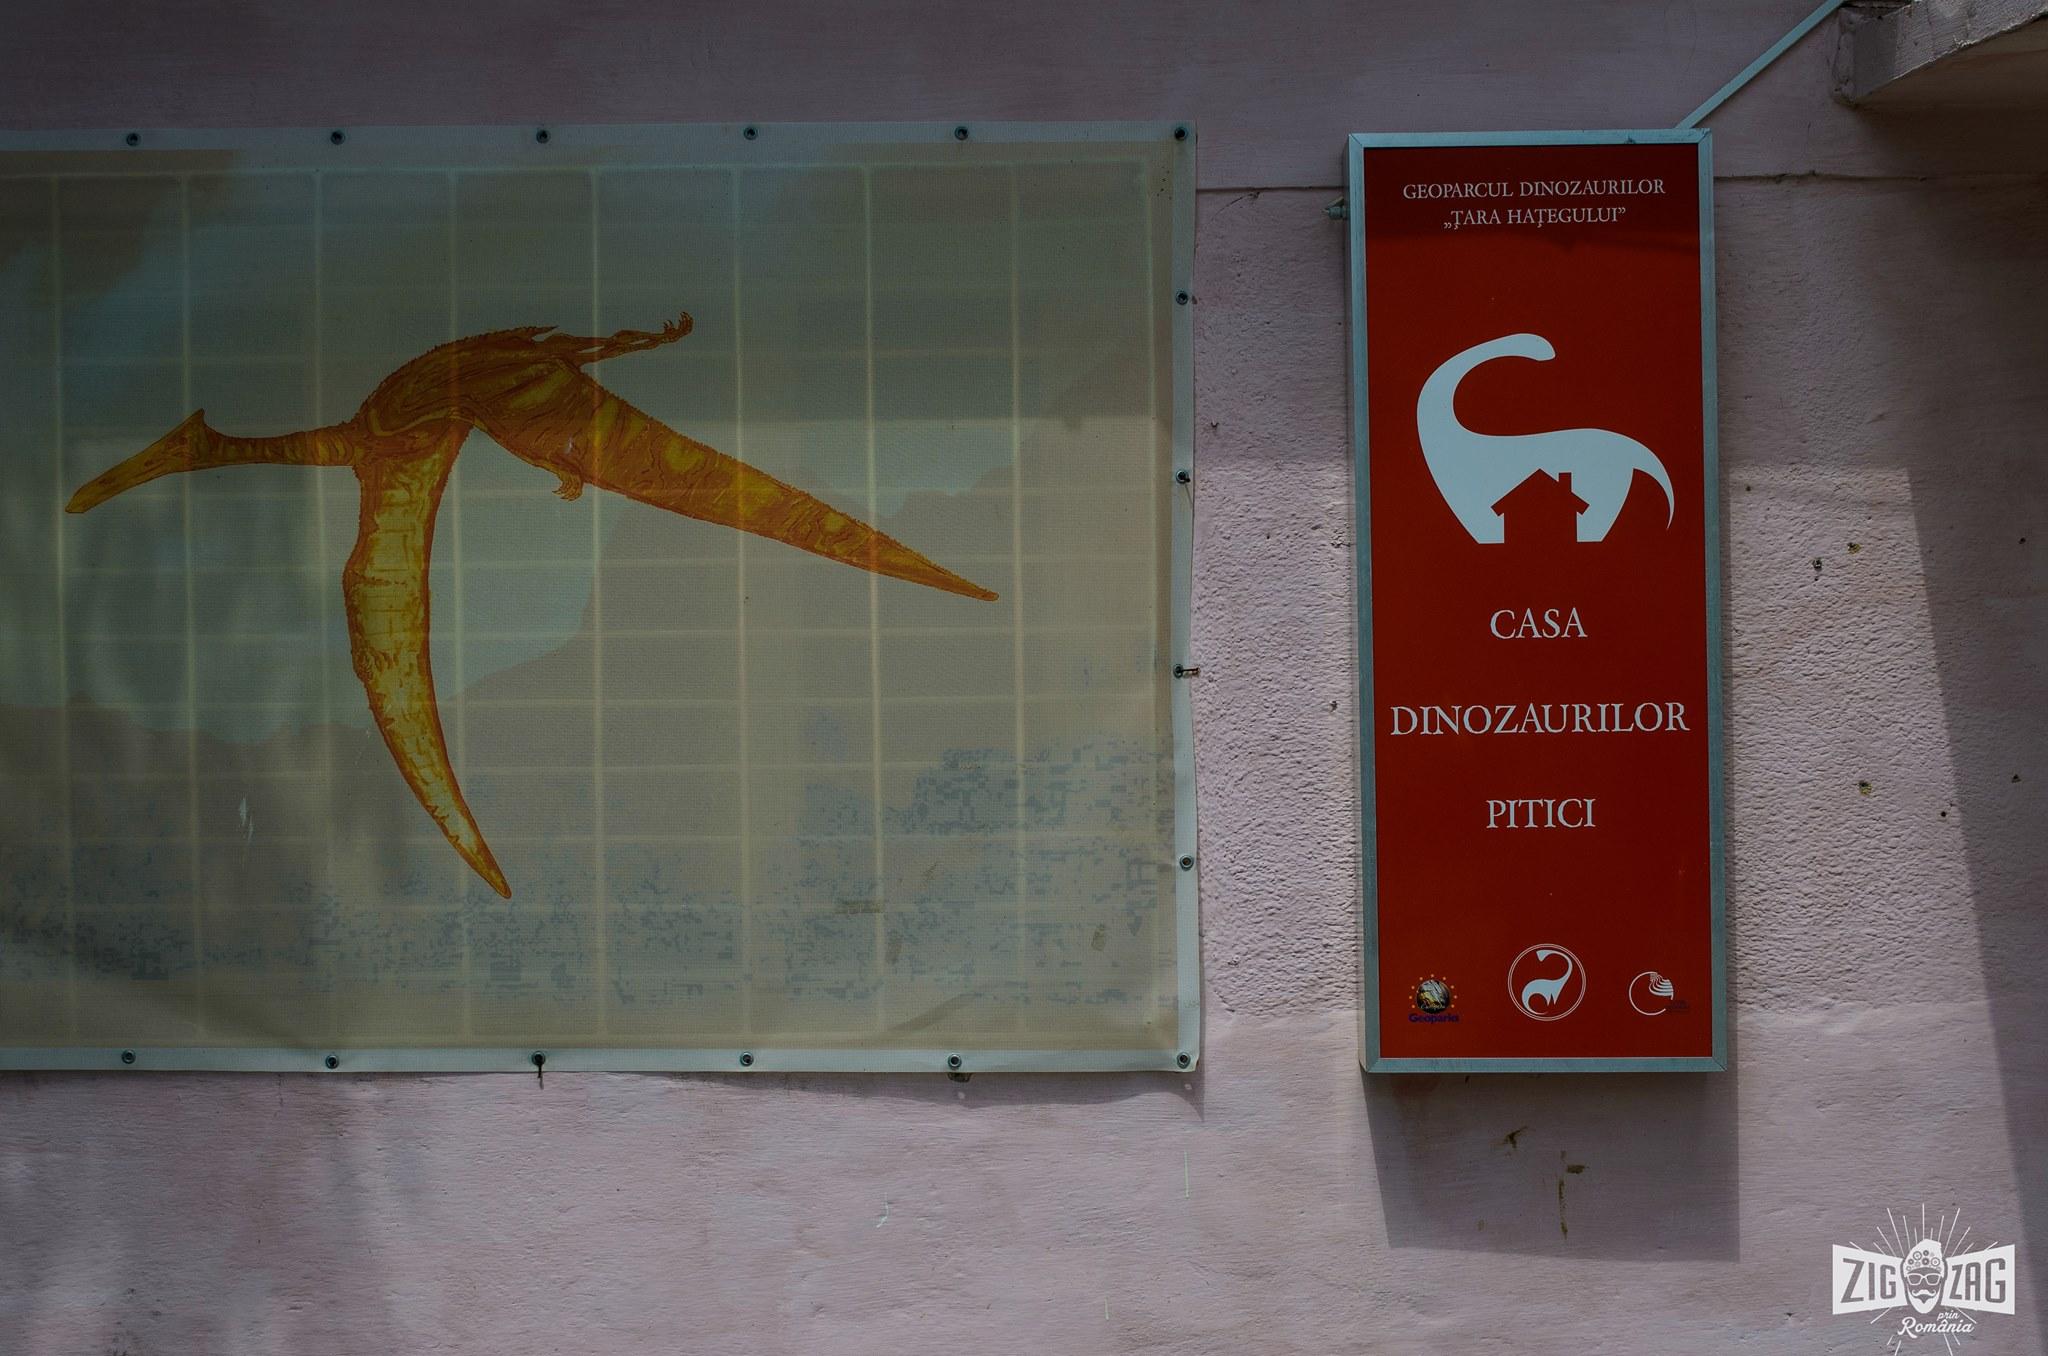 casa dinozaurilor pitici